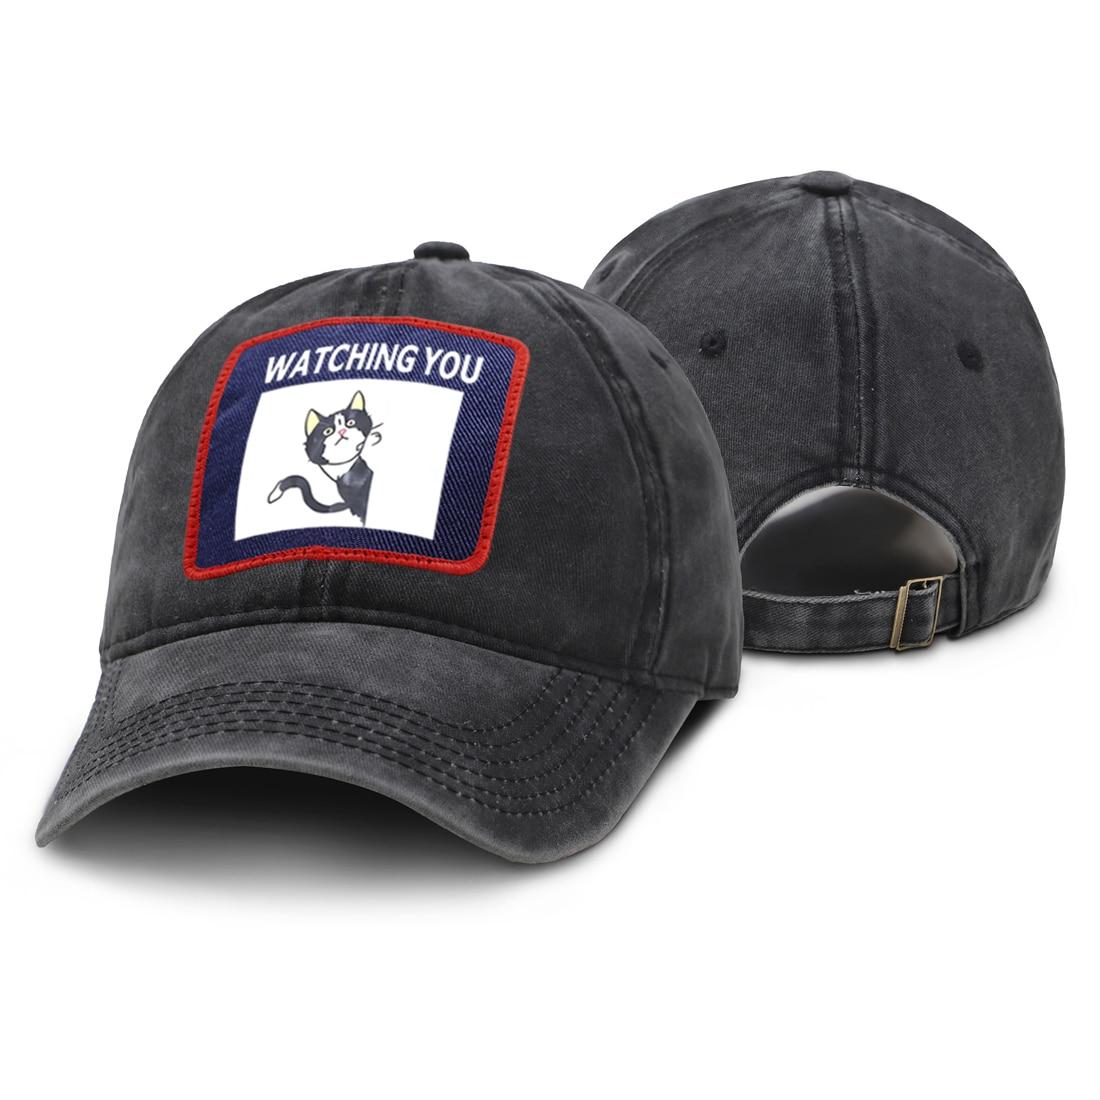 Lindo gato te está viendo imprimir gorra de hombre Hip Hop ajustable papá sombrero mujer algodón poliéster Snapback gorras hombre negro moda sombreros